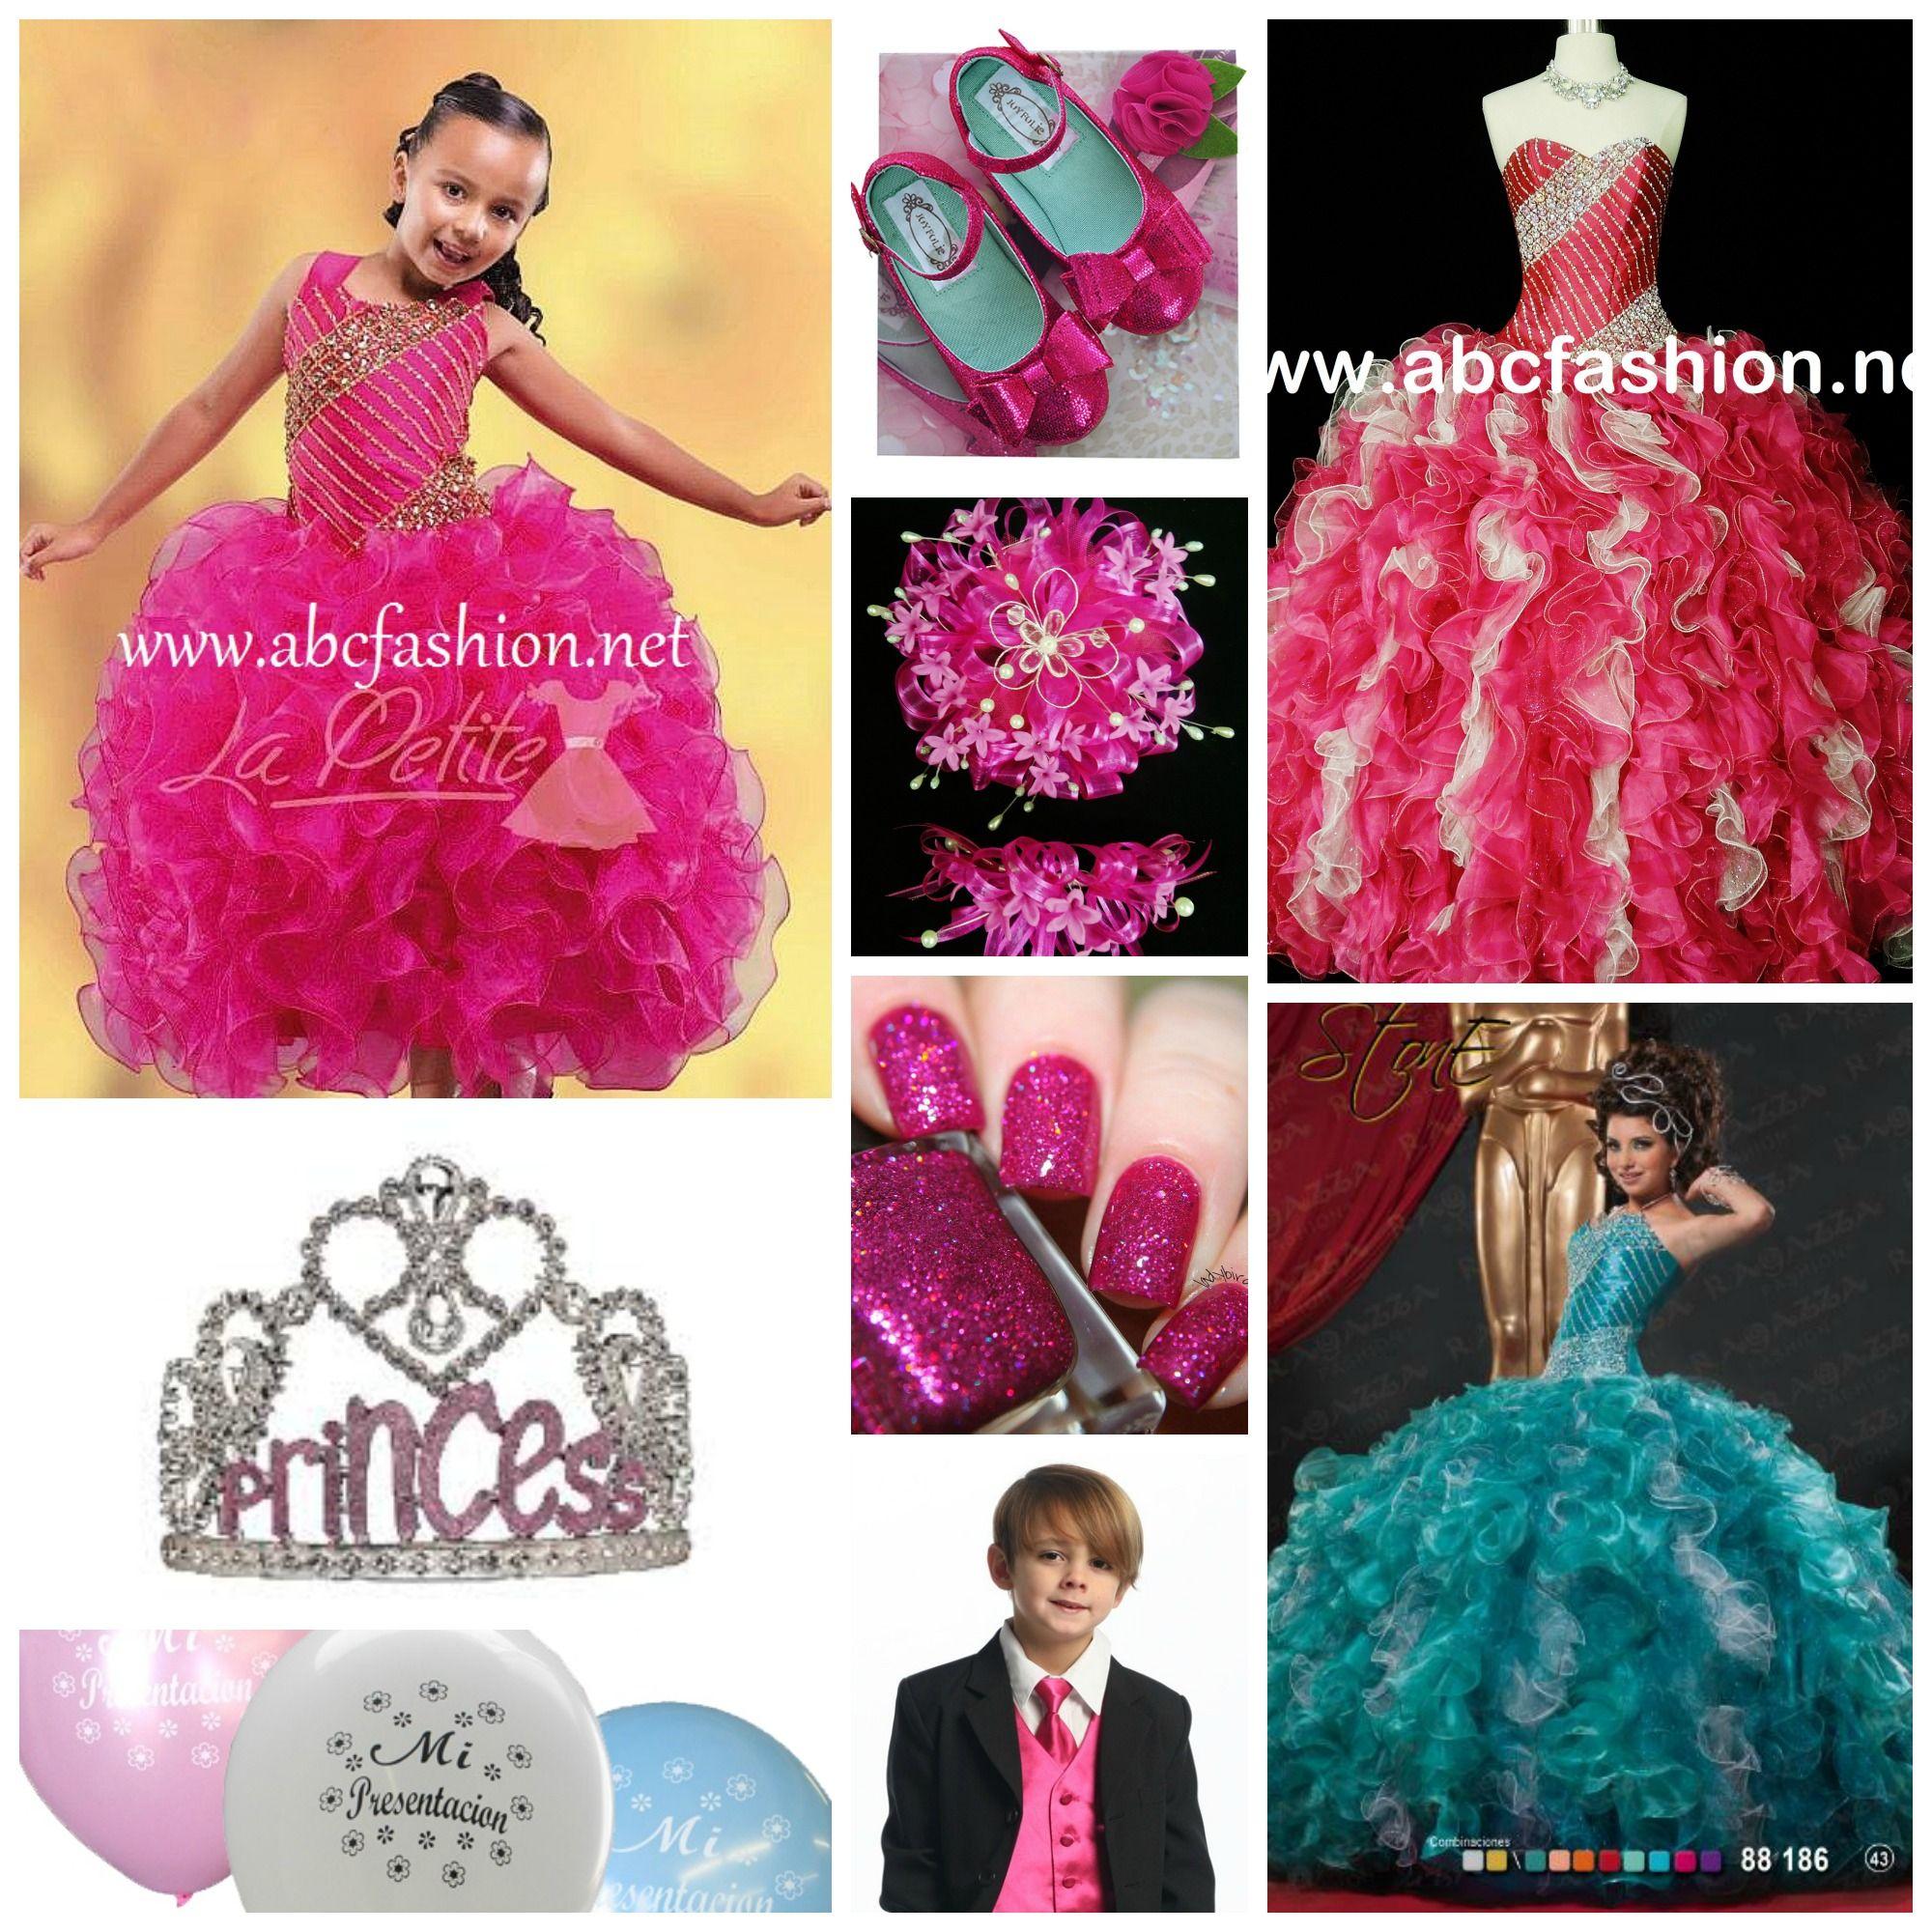 3 Anos Girls Dress, 3 Anos Presentacion Vestido by La Petite ...